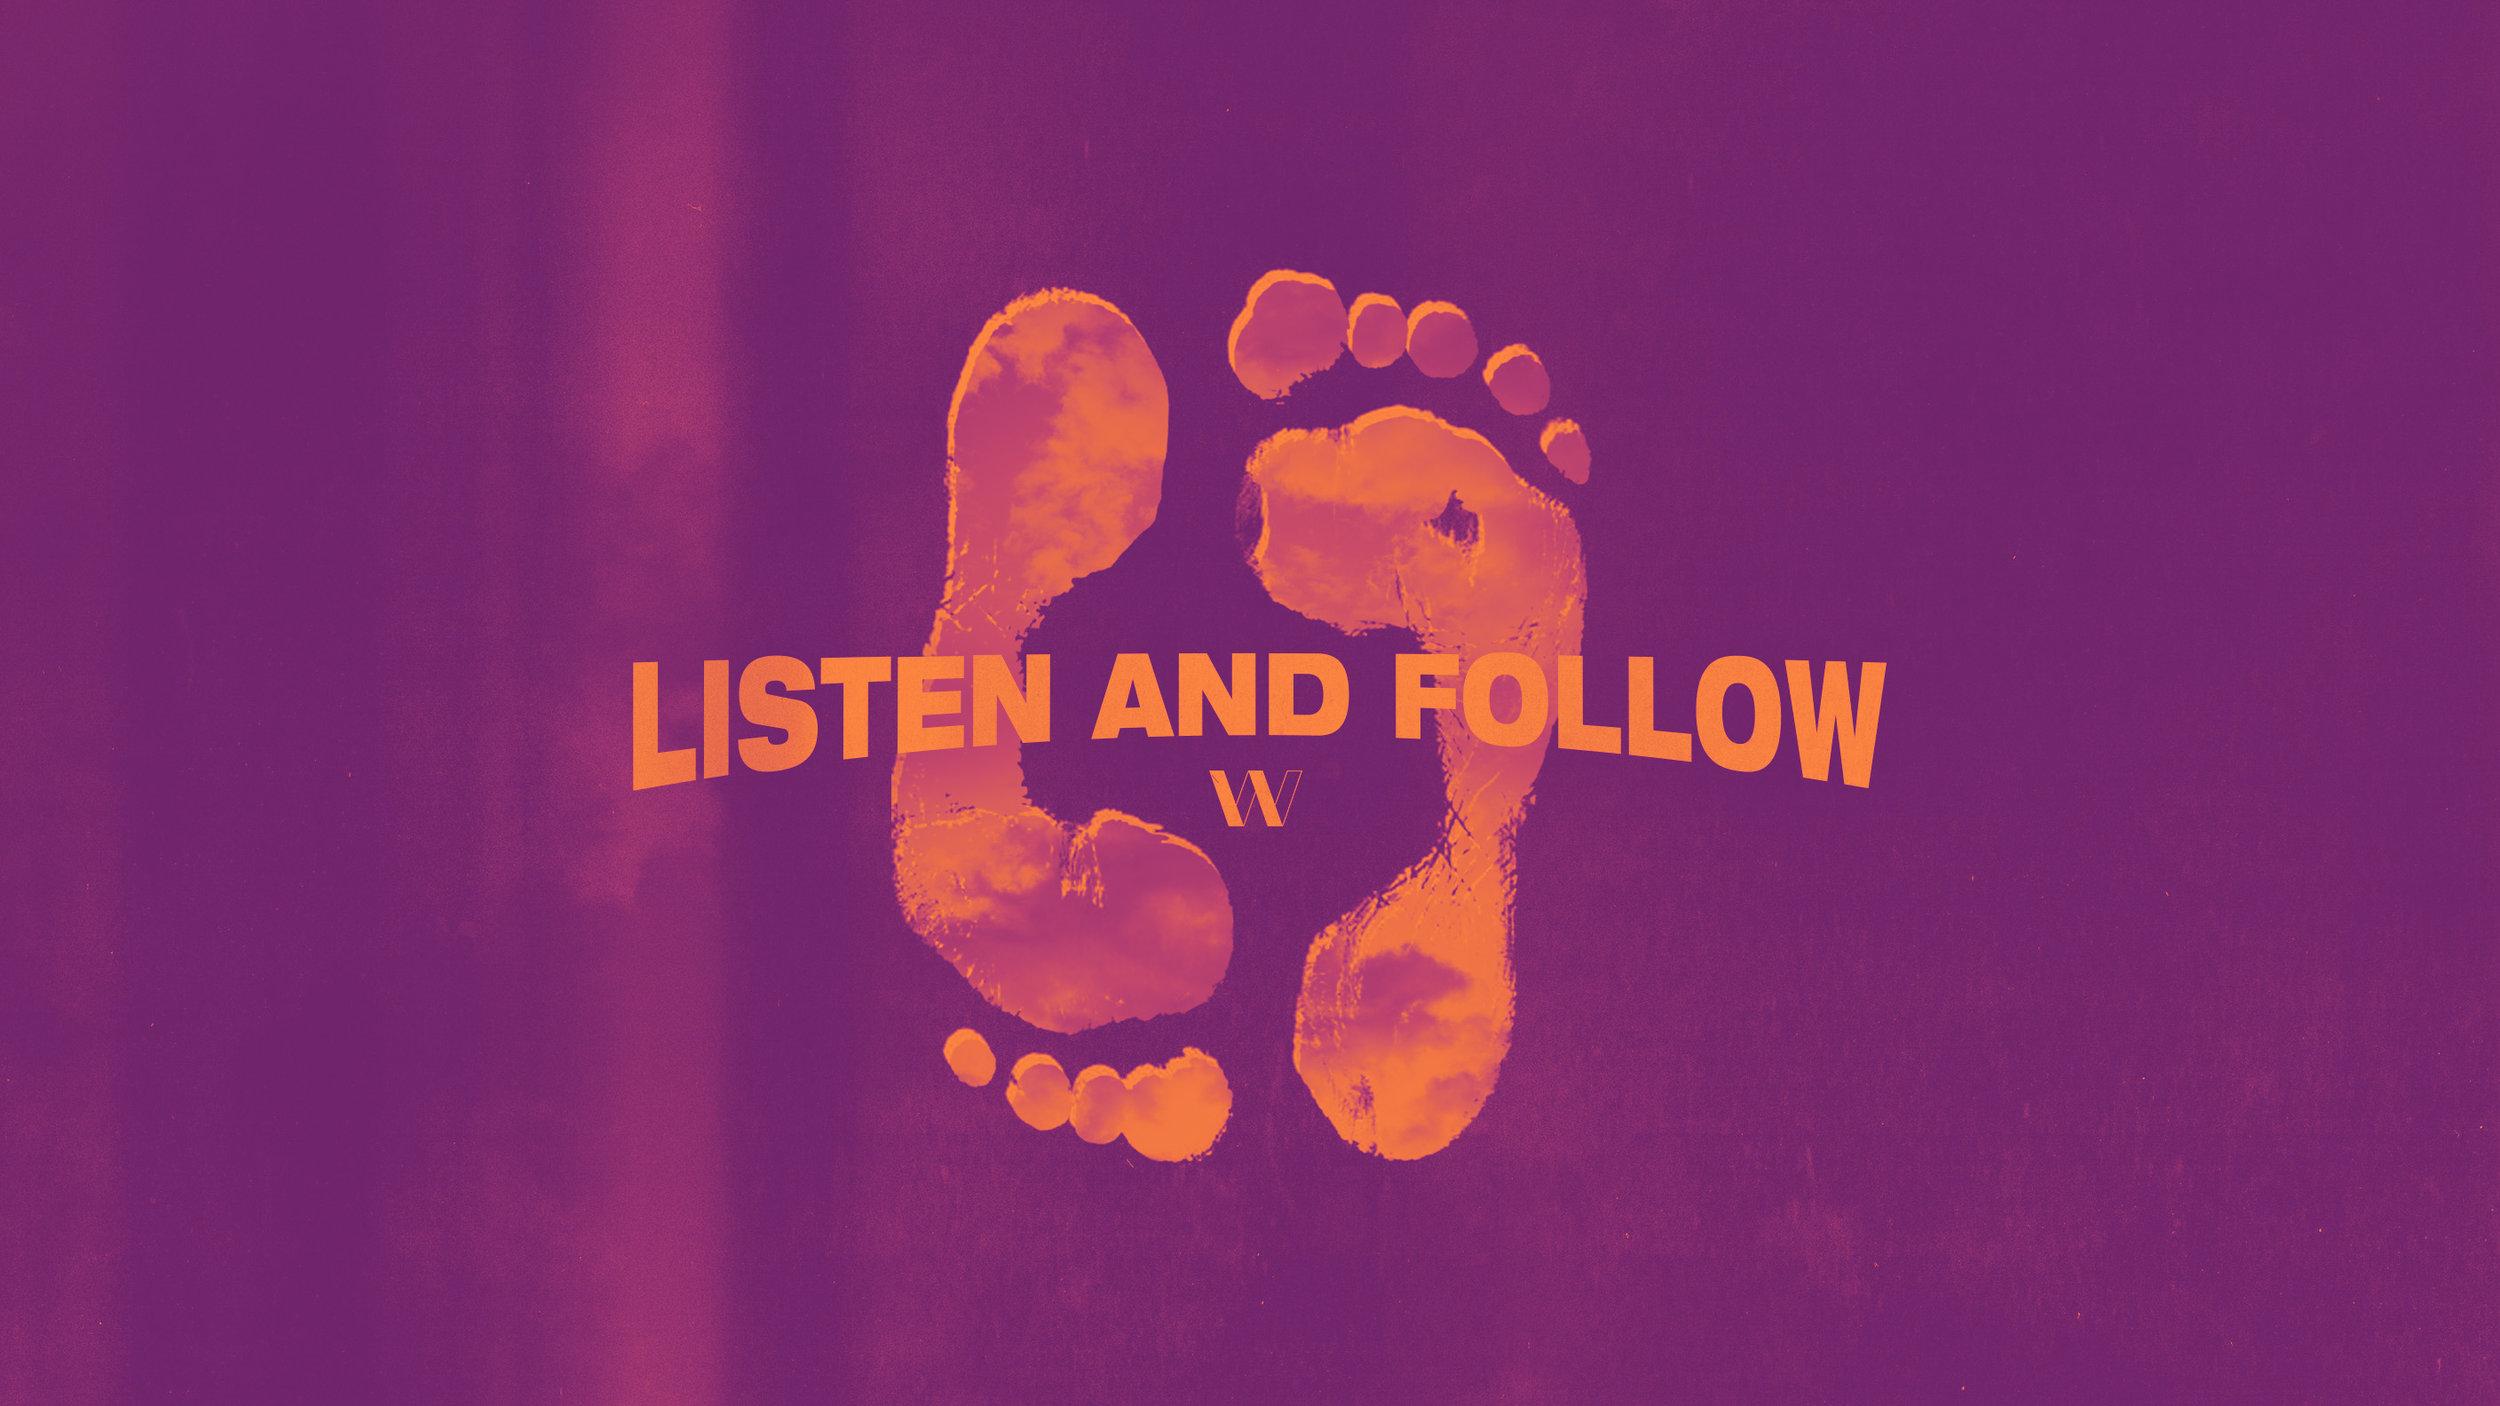 Listen and Follow.jpg